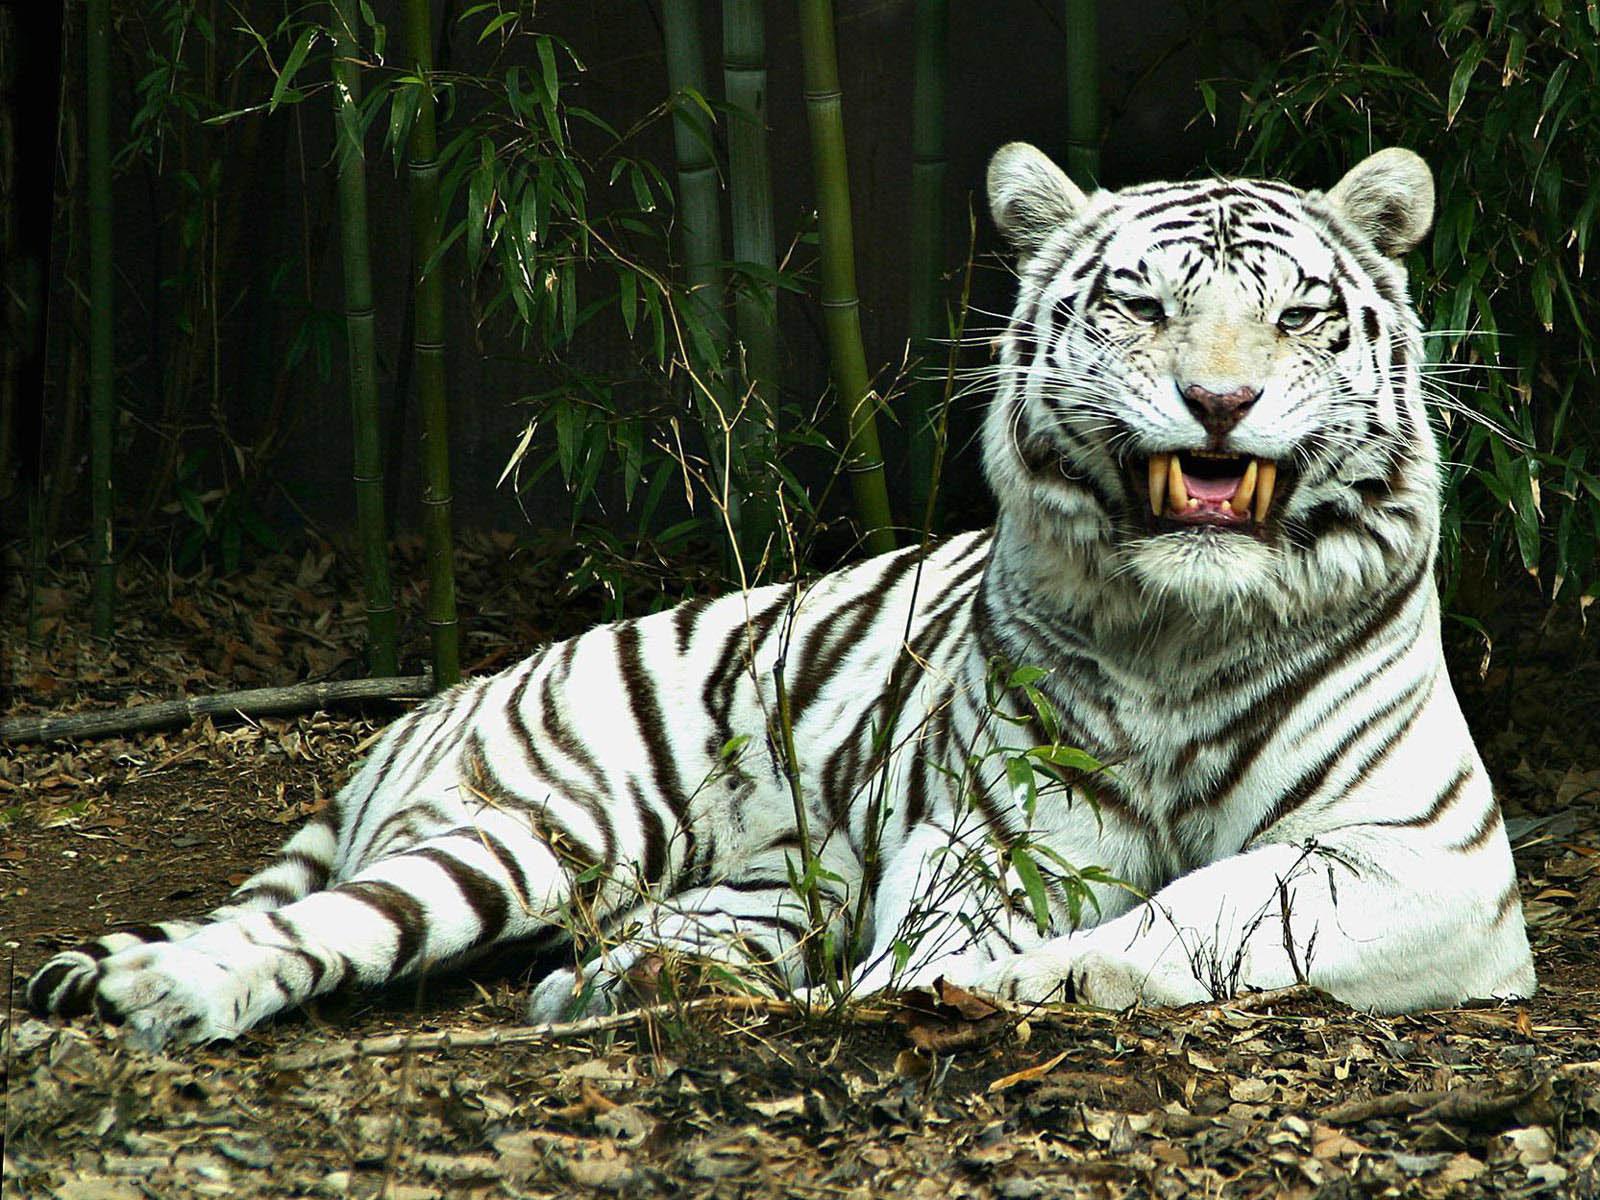 White tiger background tumblr - photo#20